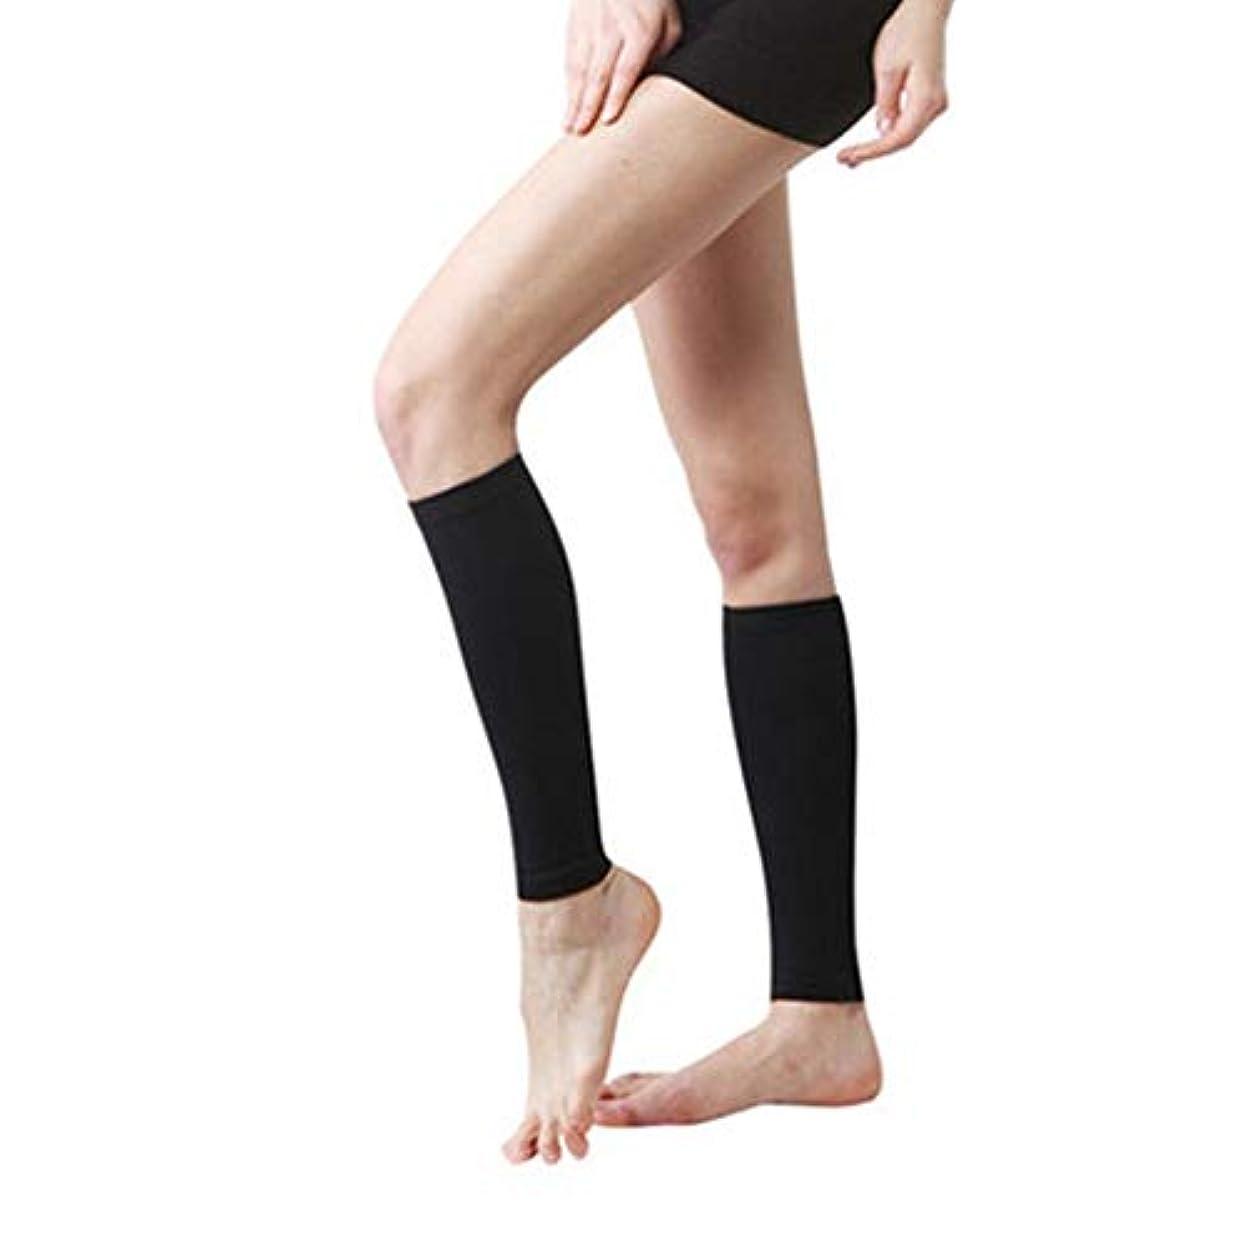 絶え間ない反対にパイプ丈夫な男性女性プロの圧縮靴下通気性のある旅行活動看護師用シンススプリントフライトトラベル - ブラック